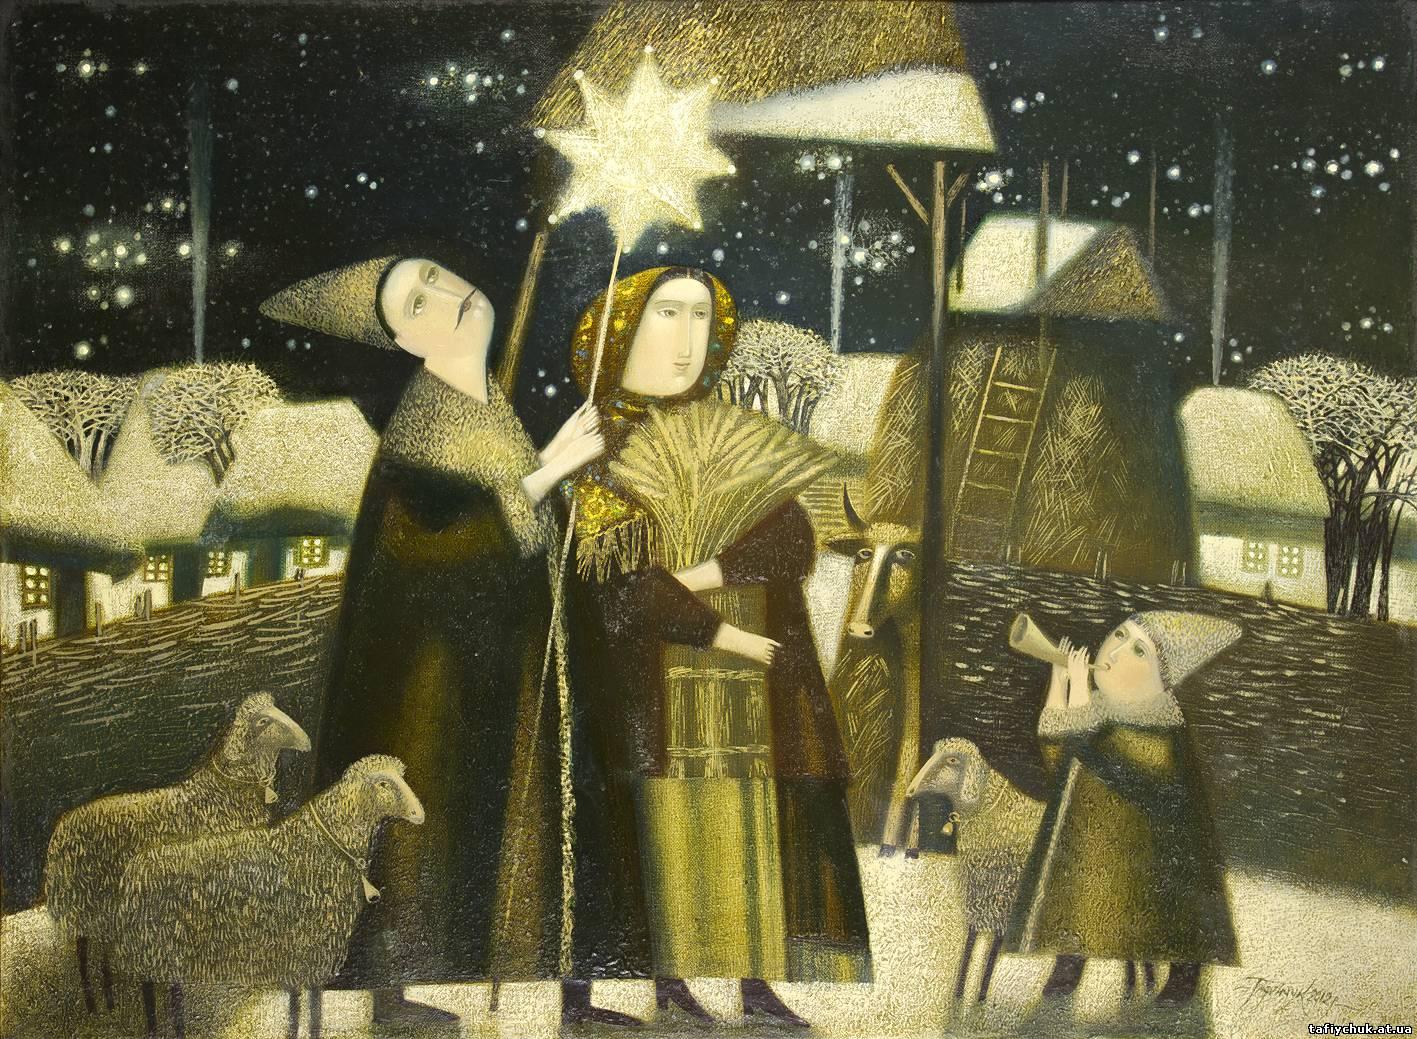 Тафійчук Л. Різдвяний вечір 1. 55x75. Полотно, олія. 2012